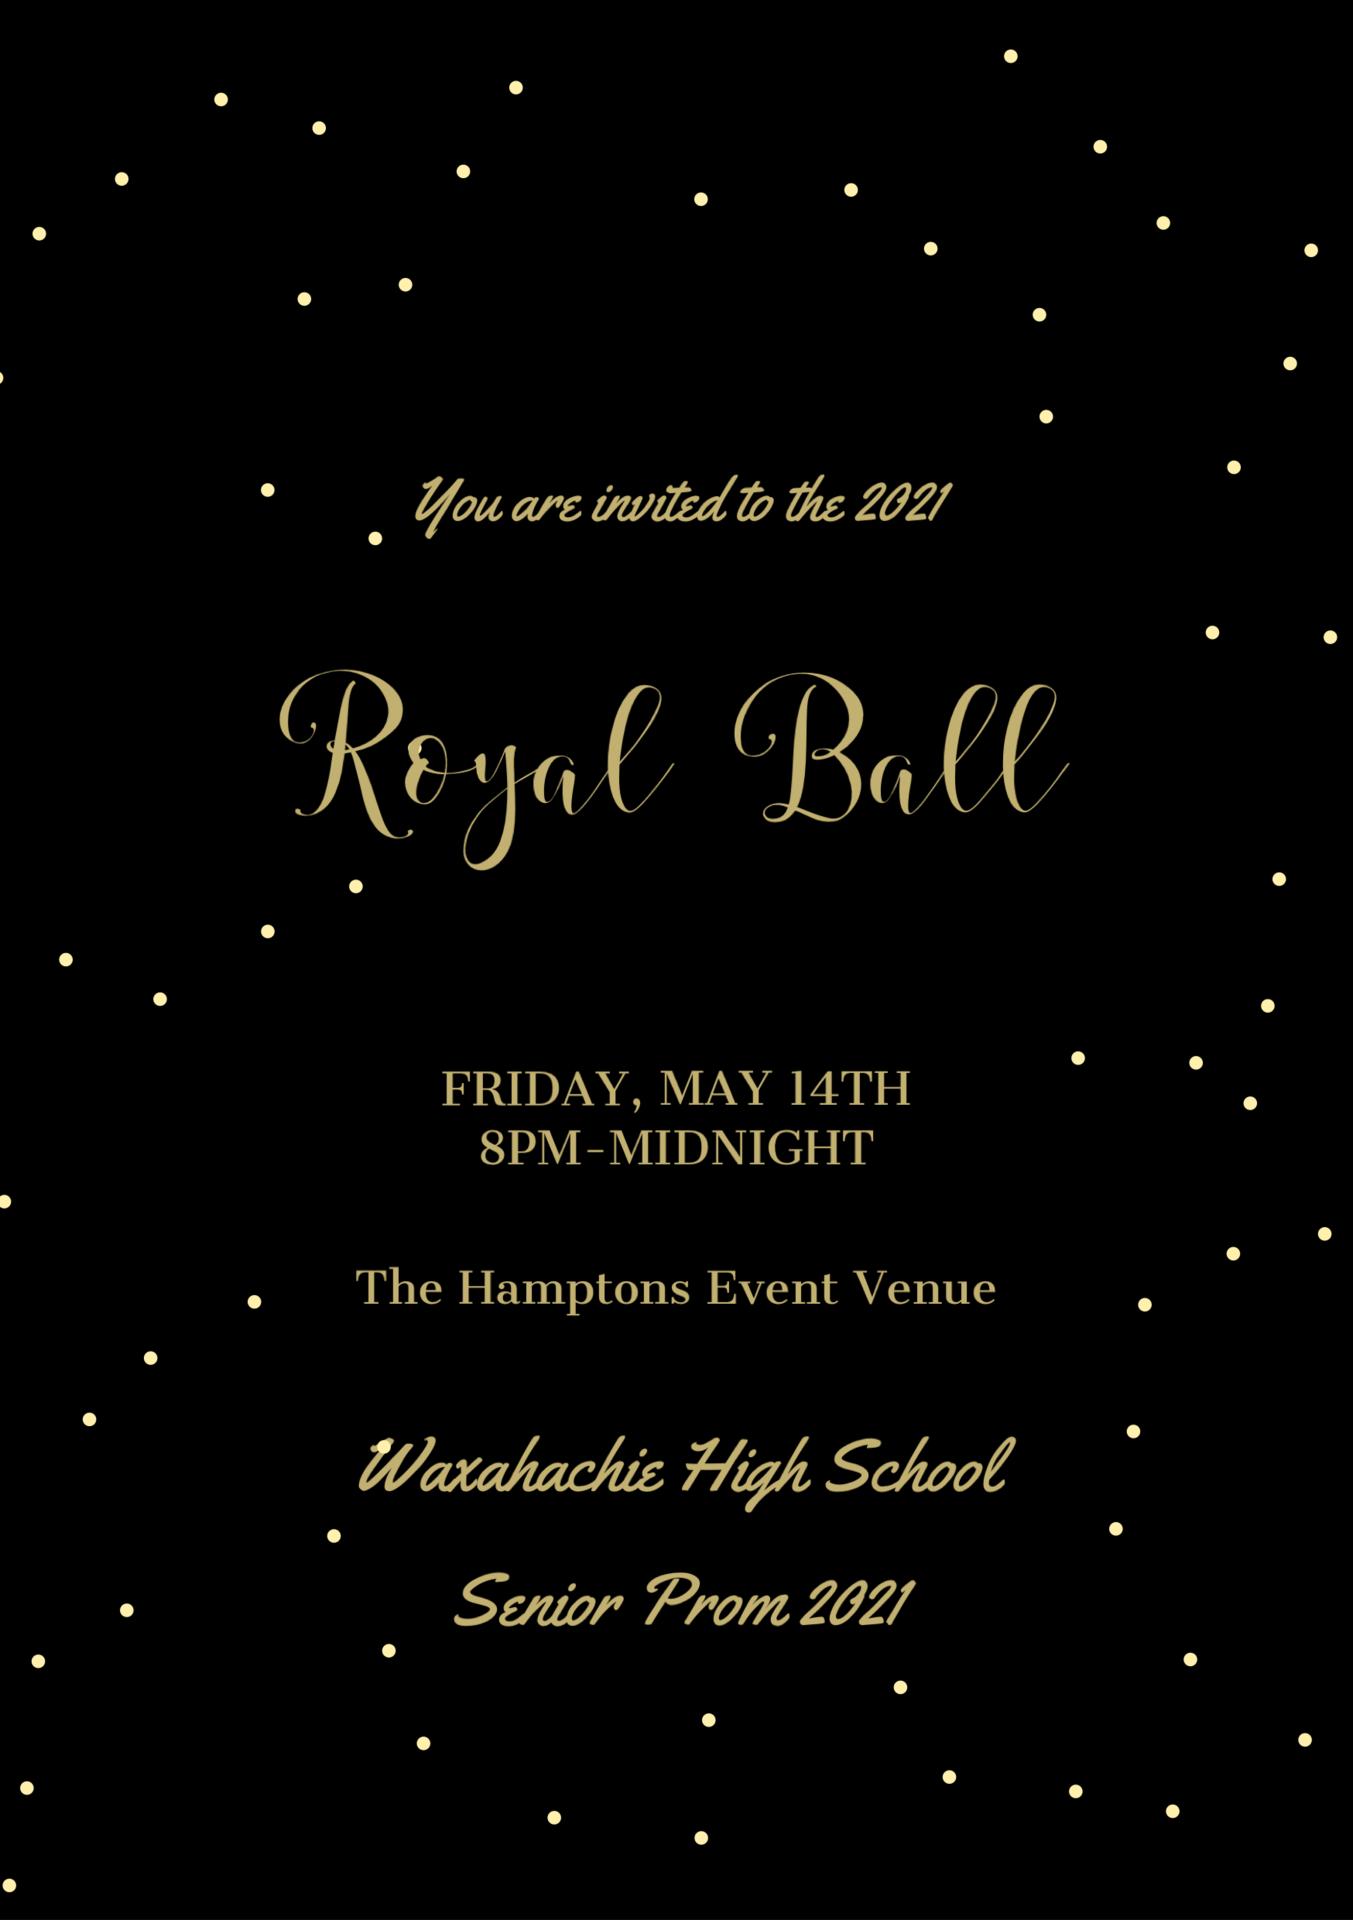 Senior Prom A Royal Ball on May 14 at 8pm flyer